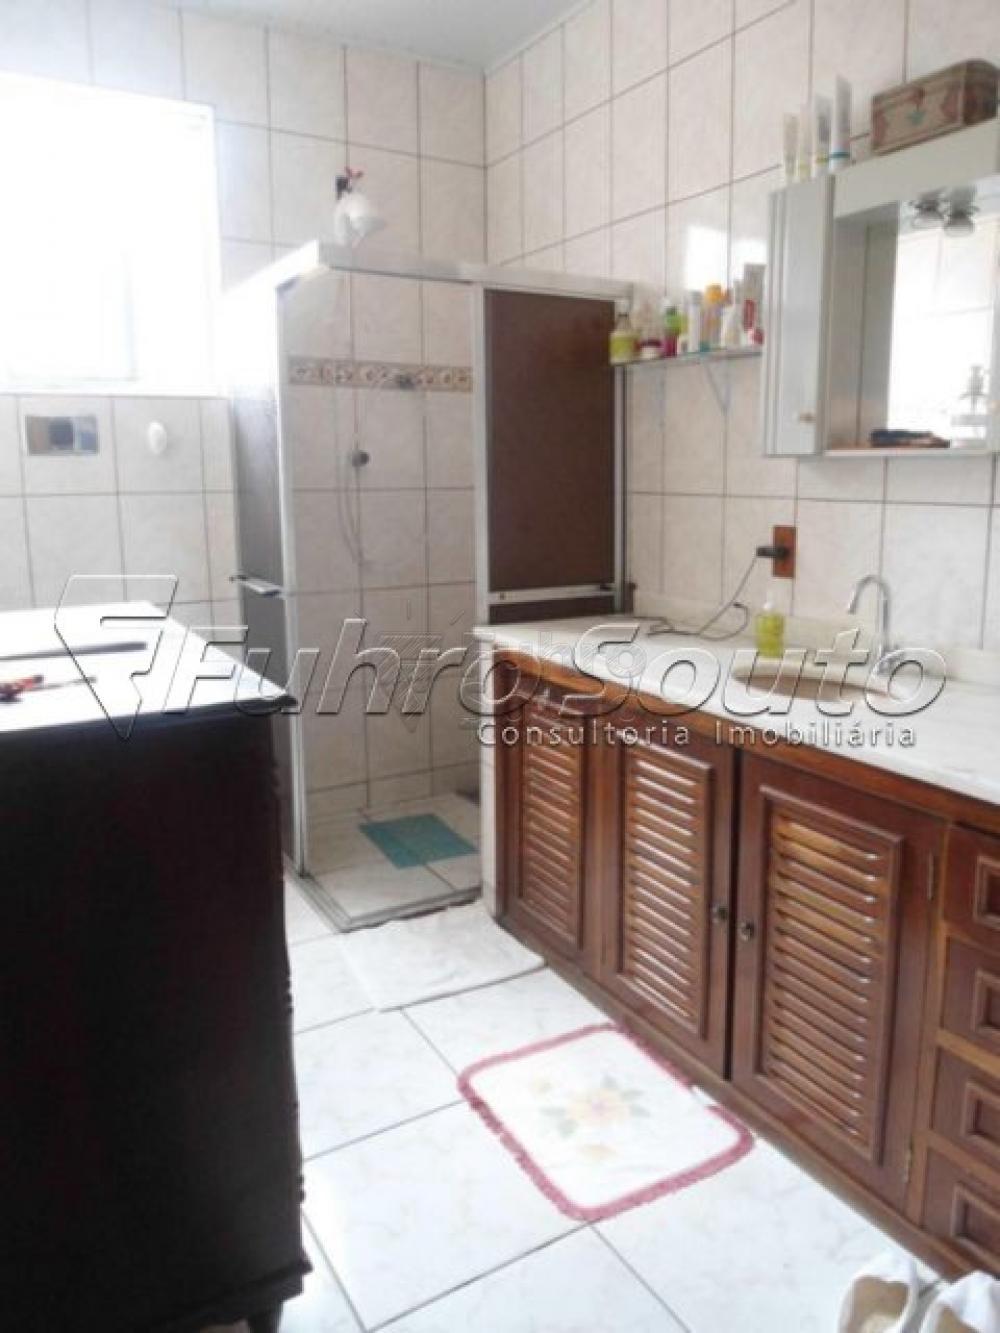 Comprar Casa / Padrão em Pelotas R$ 450.000,00 - Foto 7